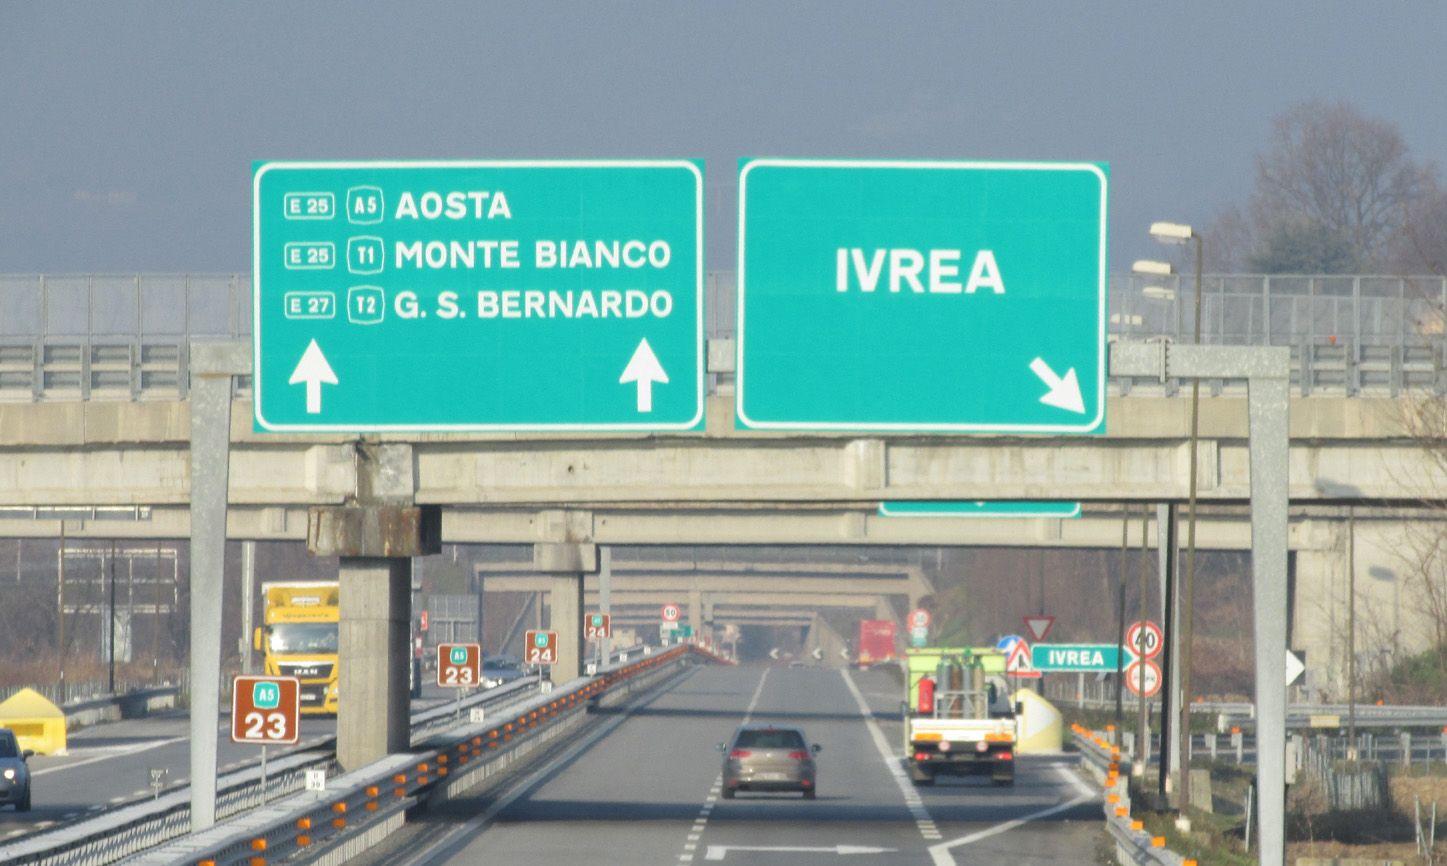 ALLARME FRANA A QUINCINETTO - Chiusi diciotto chilometri dell'autostrada Torino-Aosta, caos sulla viabilità di Ivrea e dintorni